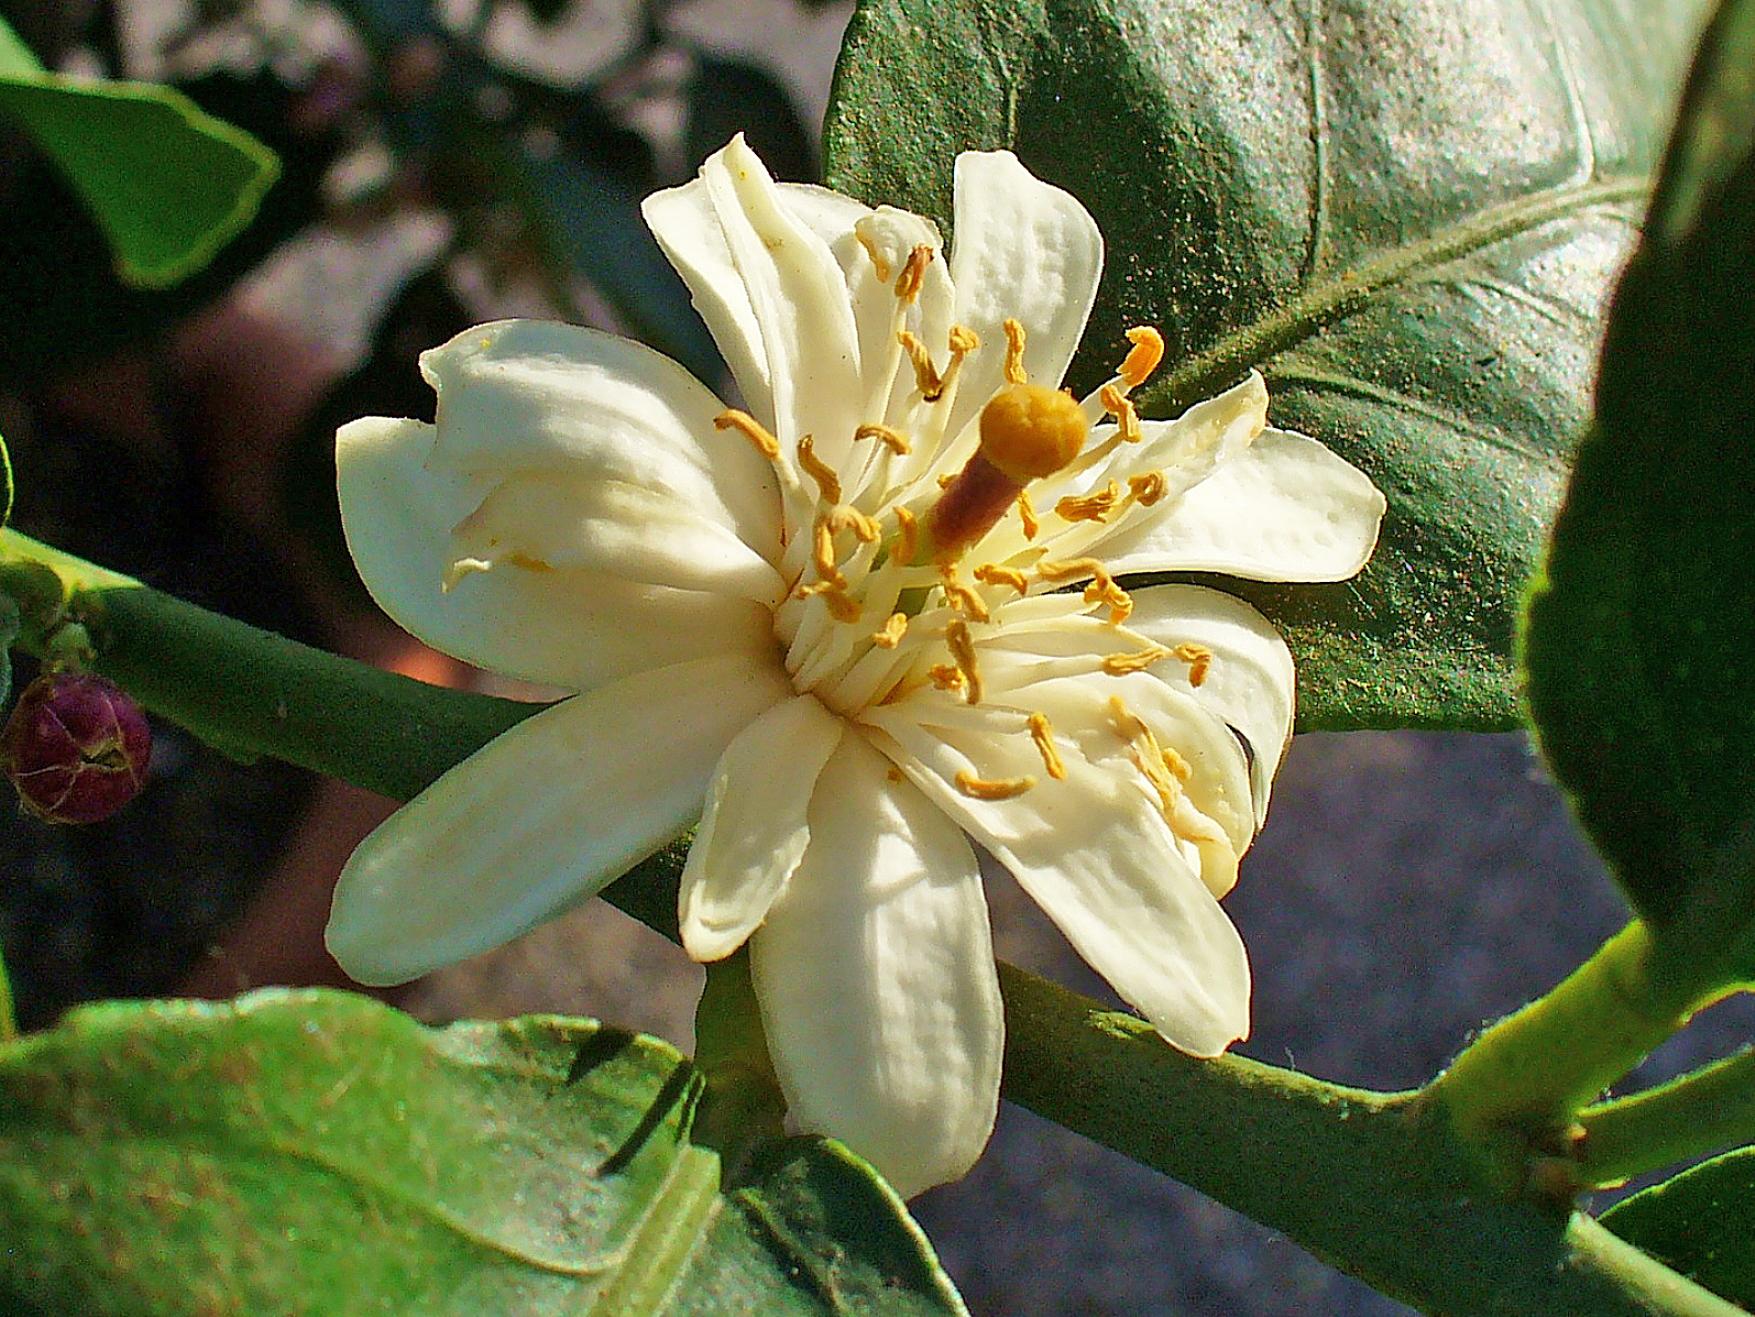 Citronnier - Citronnier feuilles jaunes ...